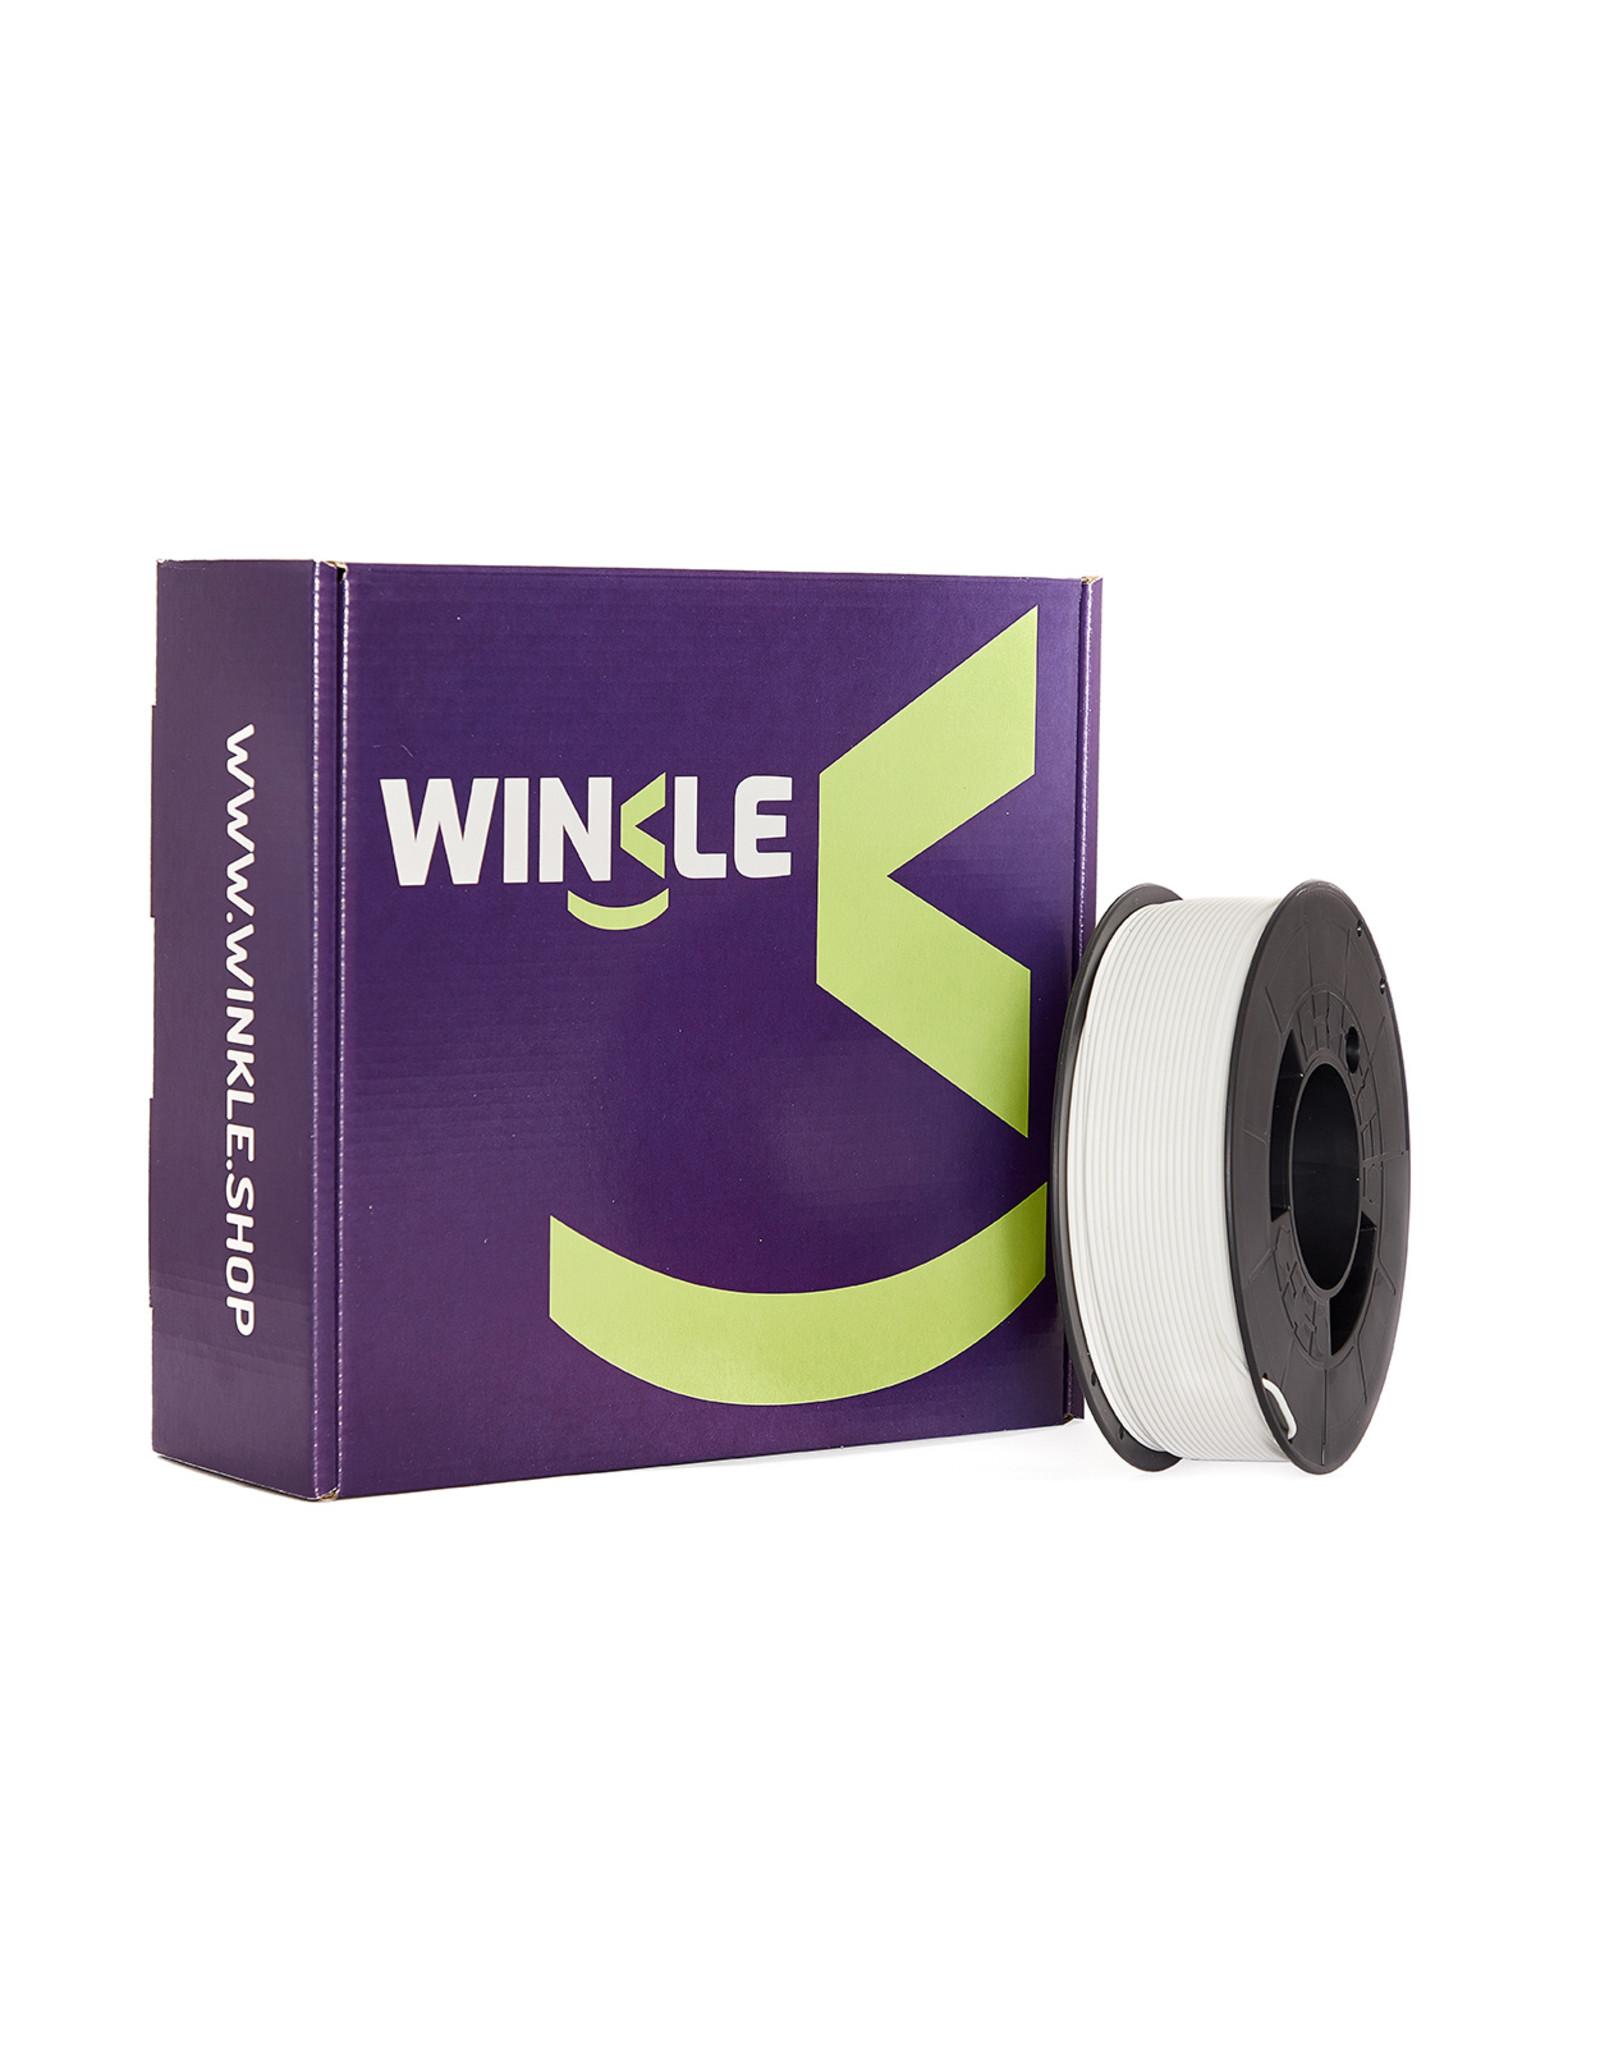 WINKLE PLA IE 870 WINKLE 1kg Gletsjer wit